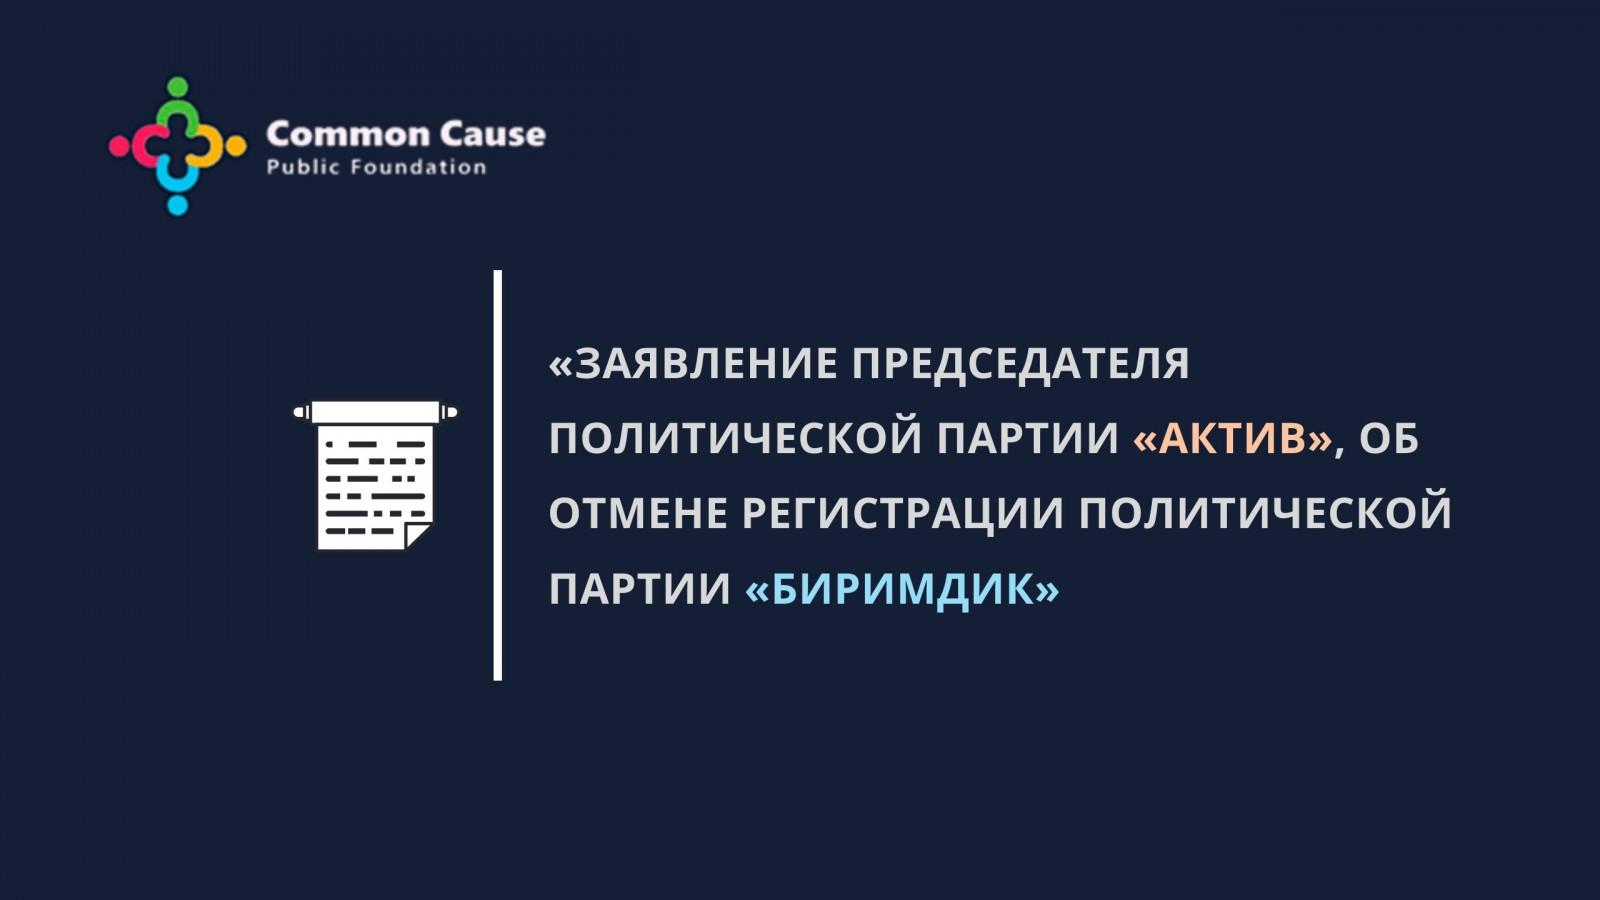 Заявление председателя политической партии «Актив», об отмене регистрации политической партии «Биримдик»